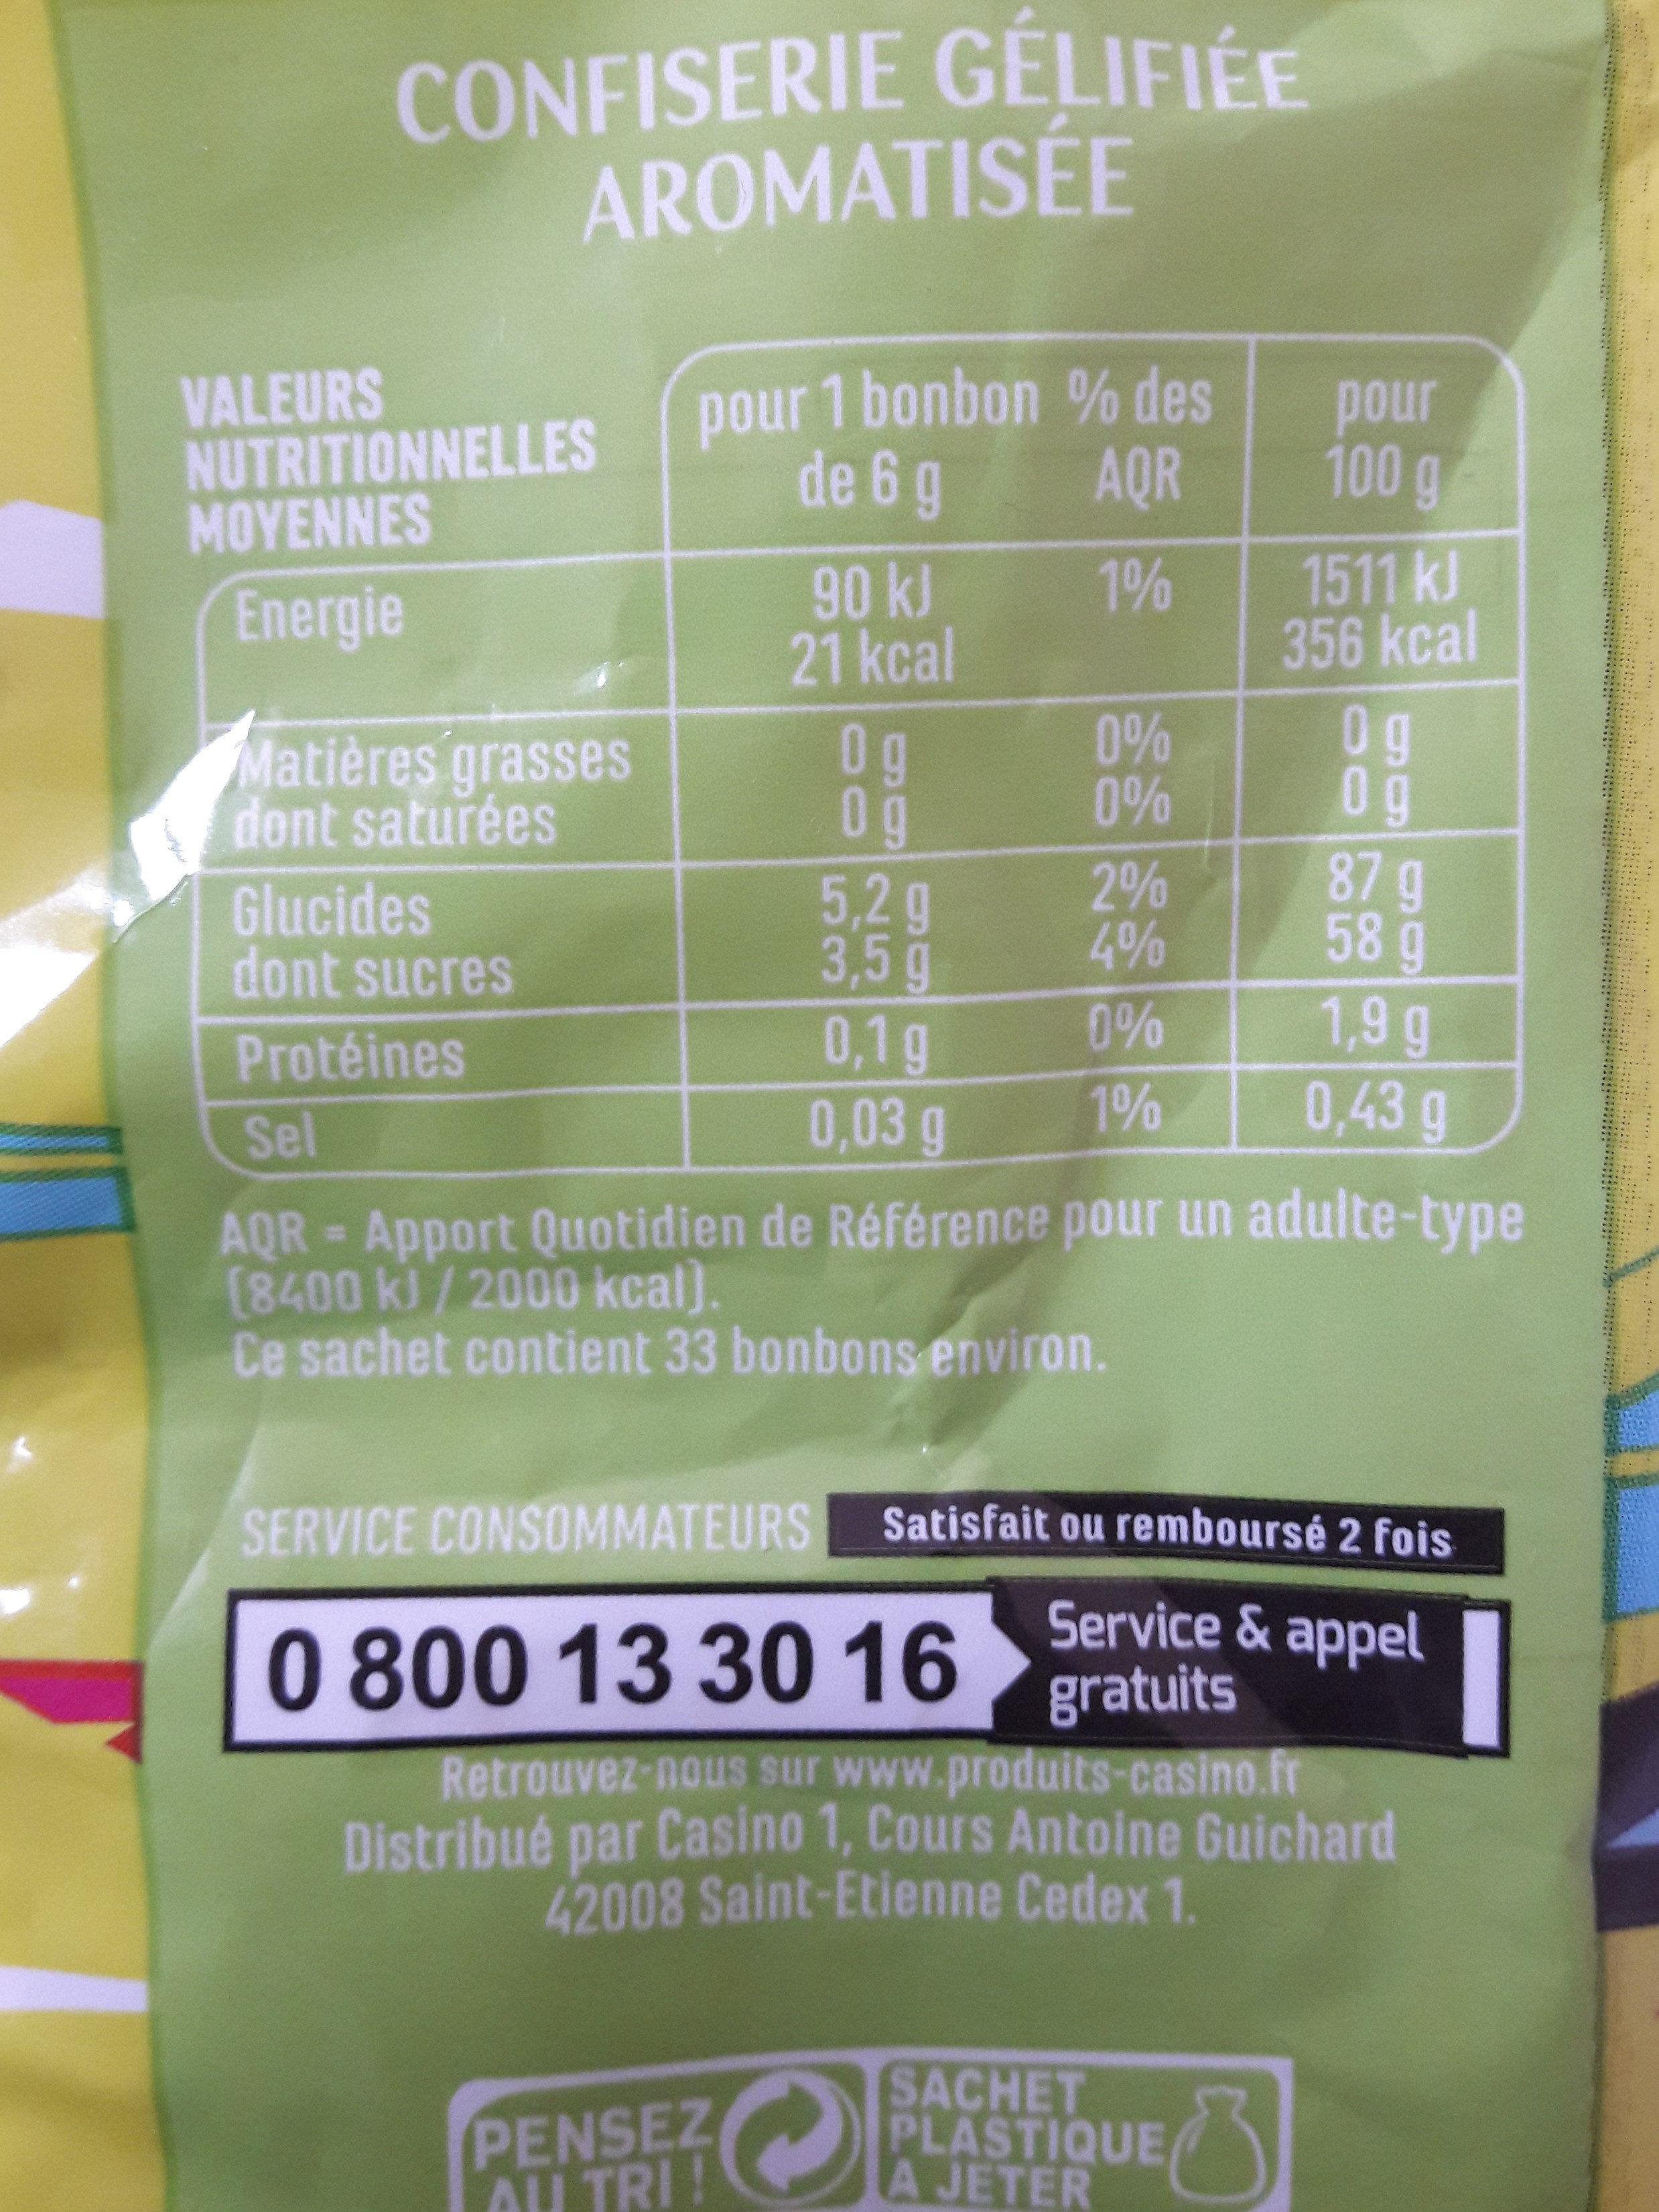 Langu'acide goûts fruits et cola CASINO - Informations nutritionnelles